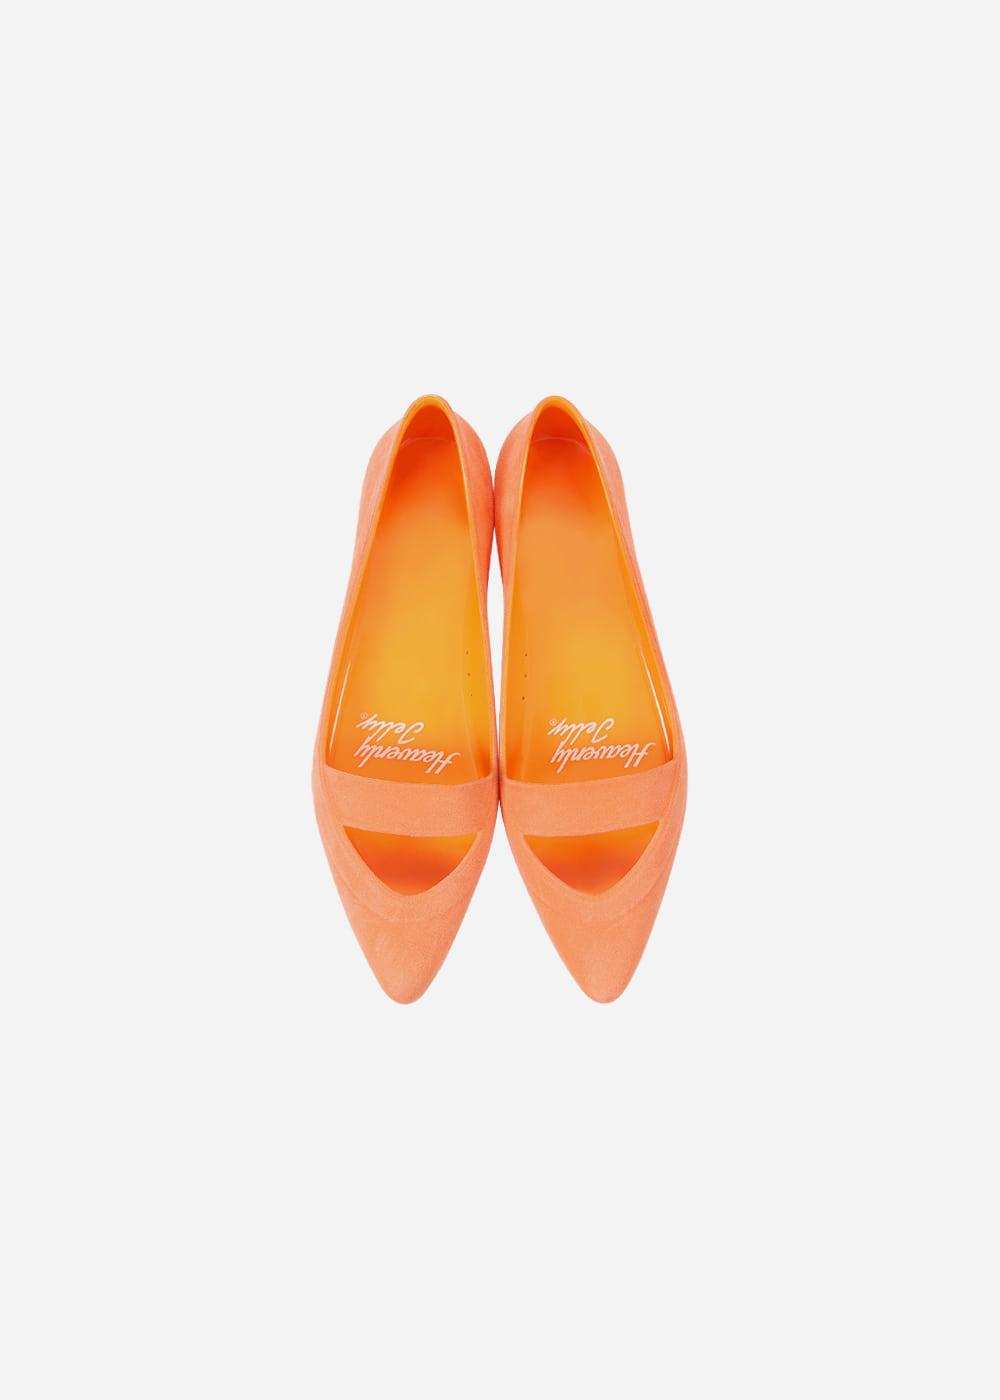 [Heavenly Jelly] Sleek Suede Pastel Tangerine